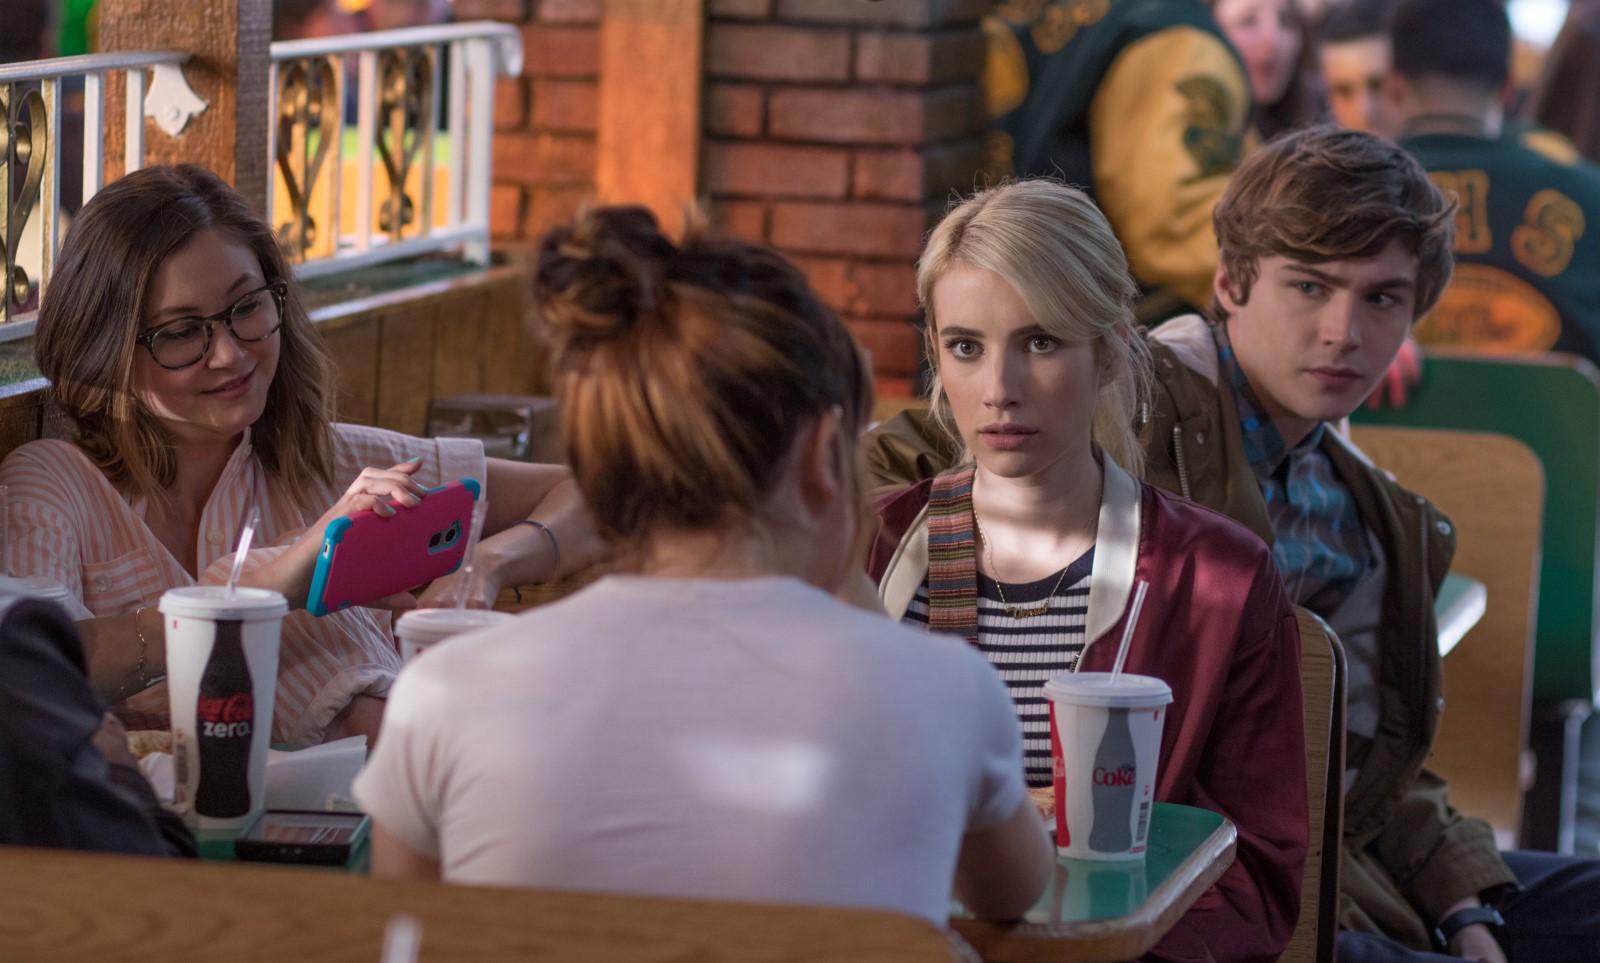 v.l.n.r. Liv (Kimiko Glenn), Vee (Emma Roberts) und Tommy (Miles Heizer)